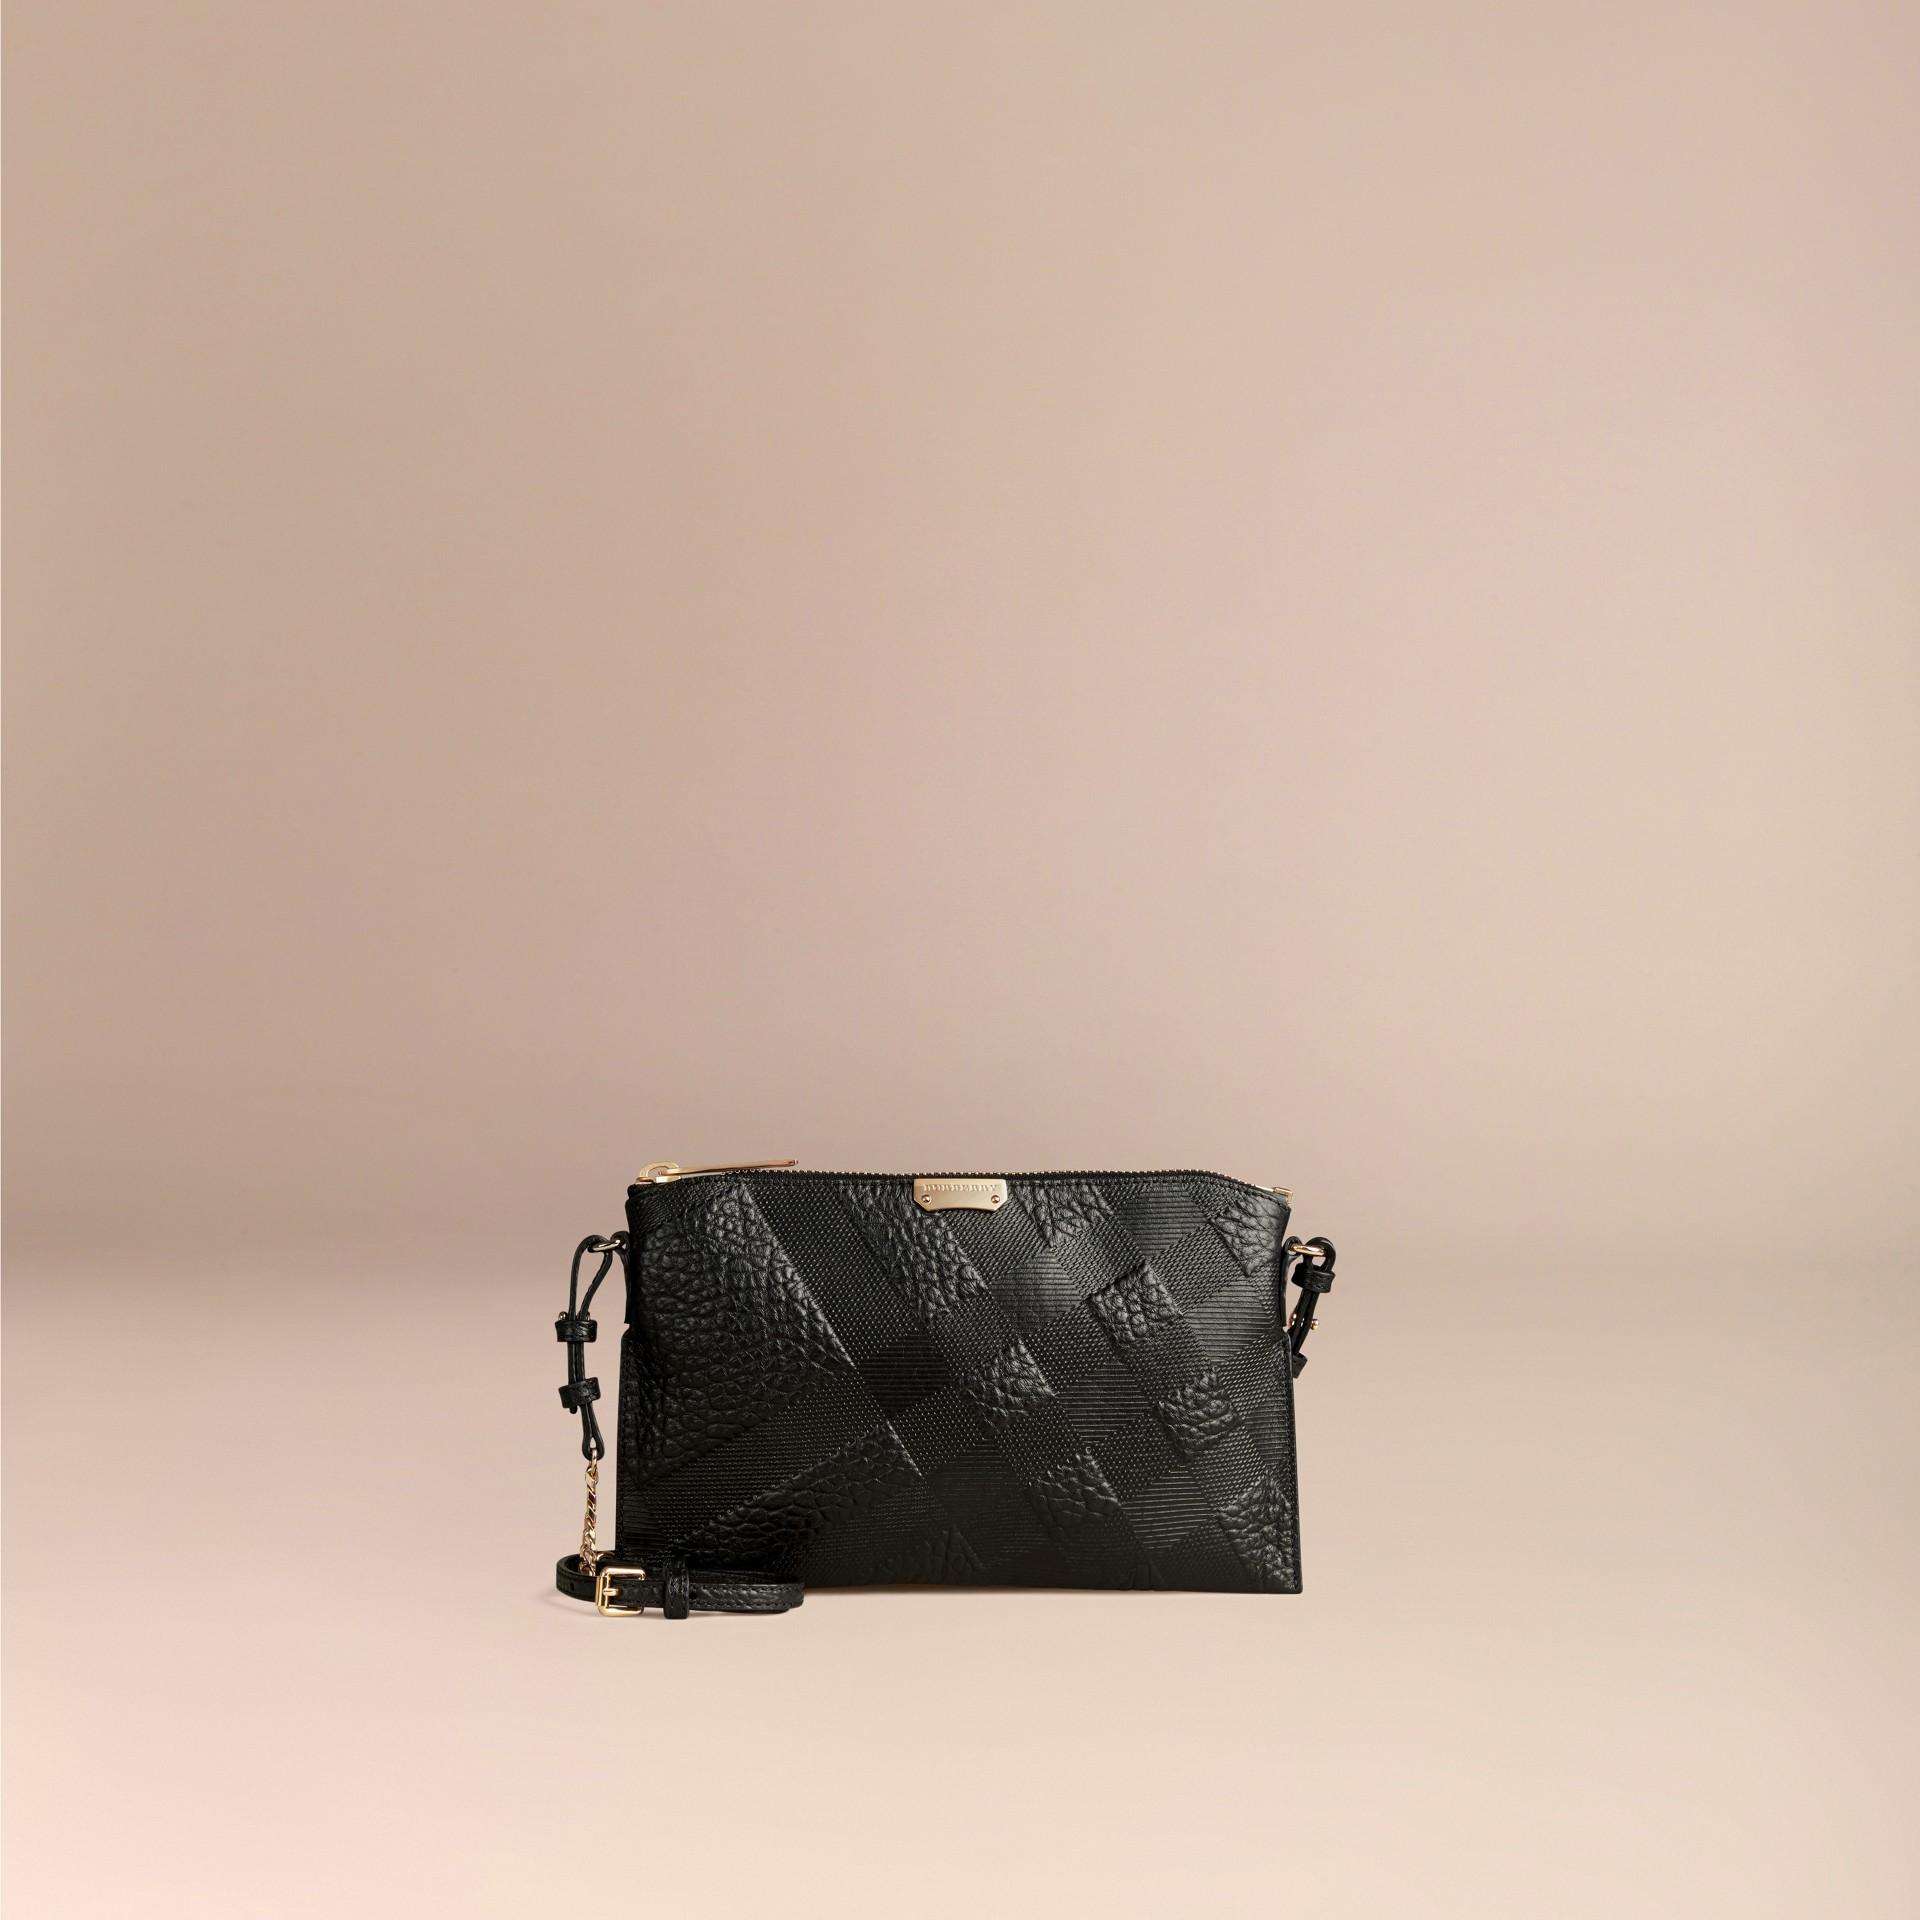 Schwarz Clutch aus Check-geprägtem Leder Schwarz - Galerie-Bild 6